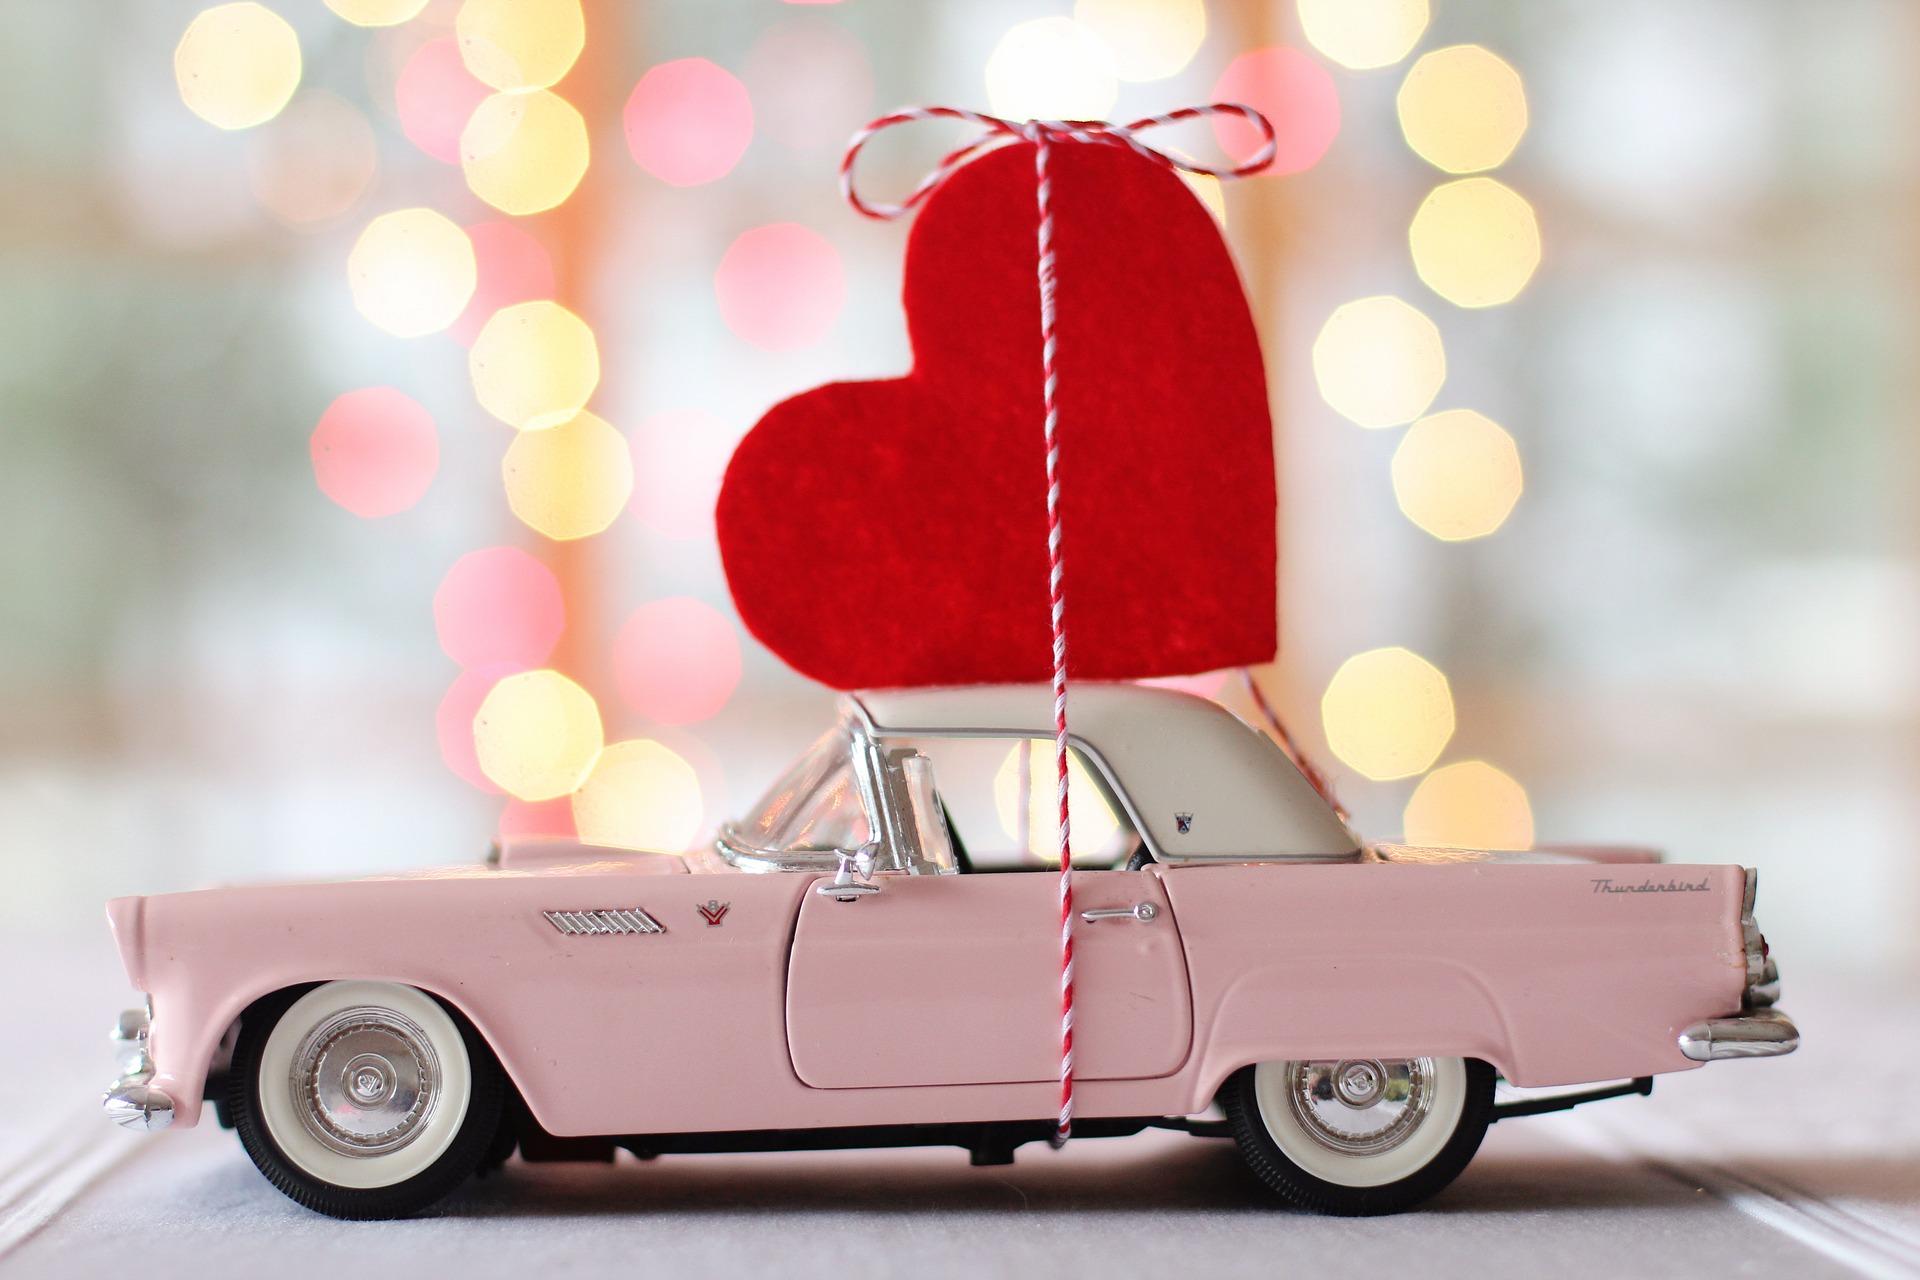 Car sales & blind dates - the common factors